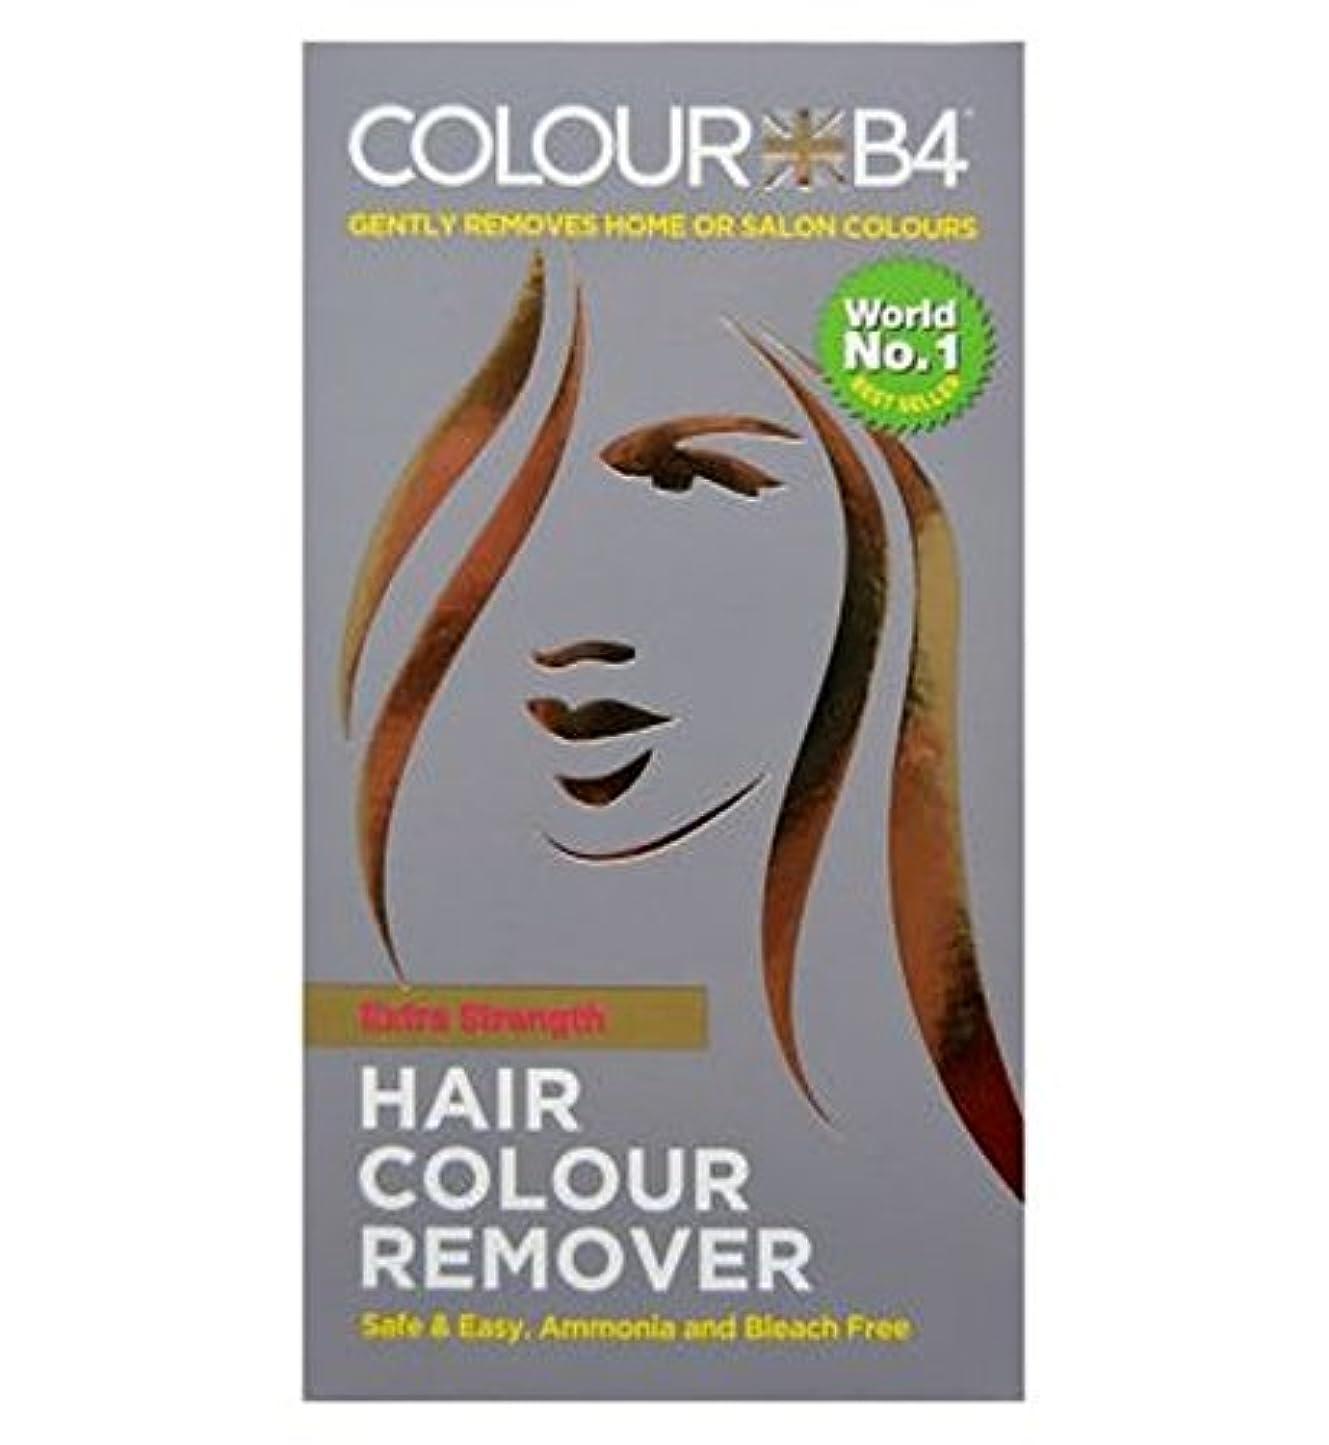 蒸留する音楽家クラウドColour B4. Hair colour remover extra strength - カラーB4。ヘアカラーリムーバー余分な強さ (ColourB4) [並行輸入品]